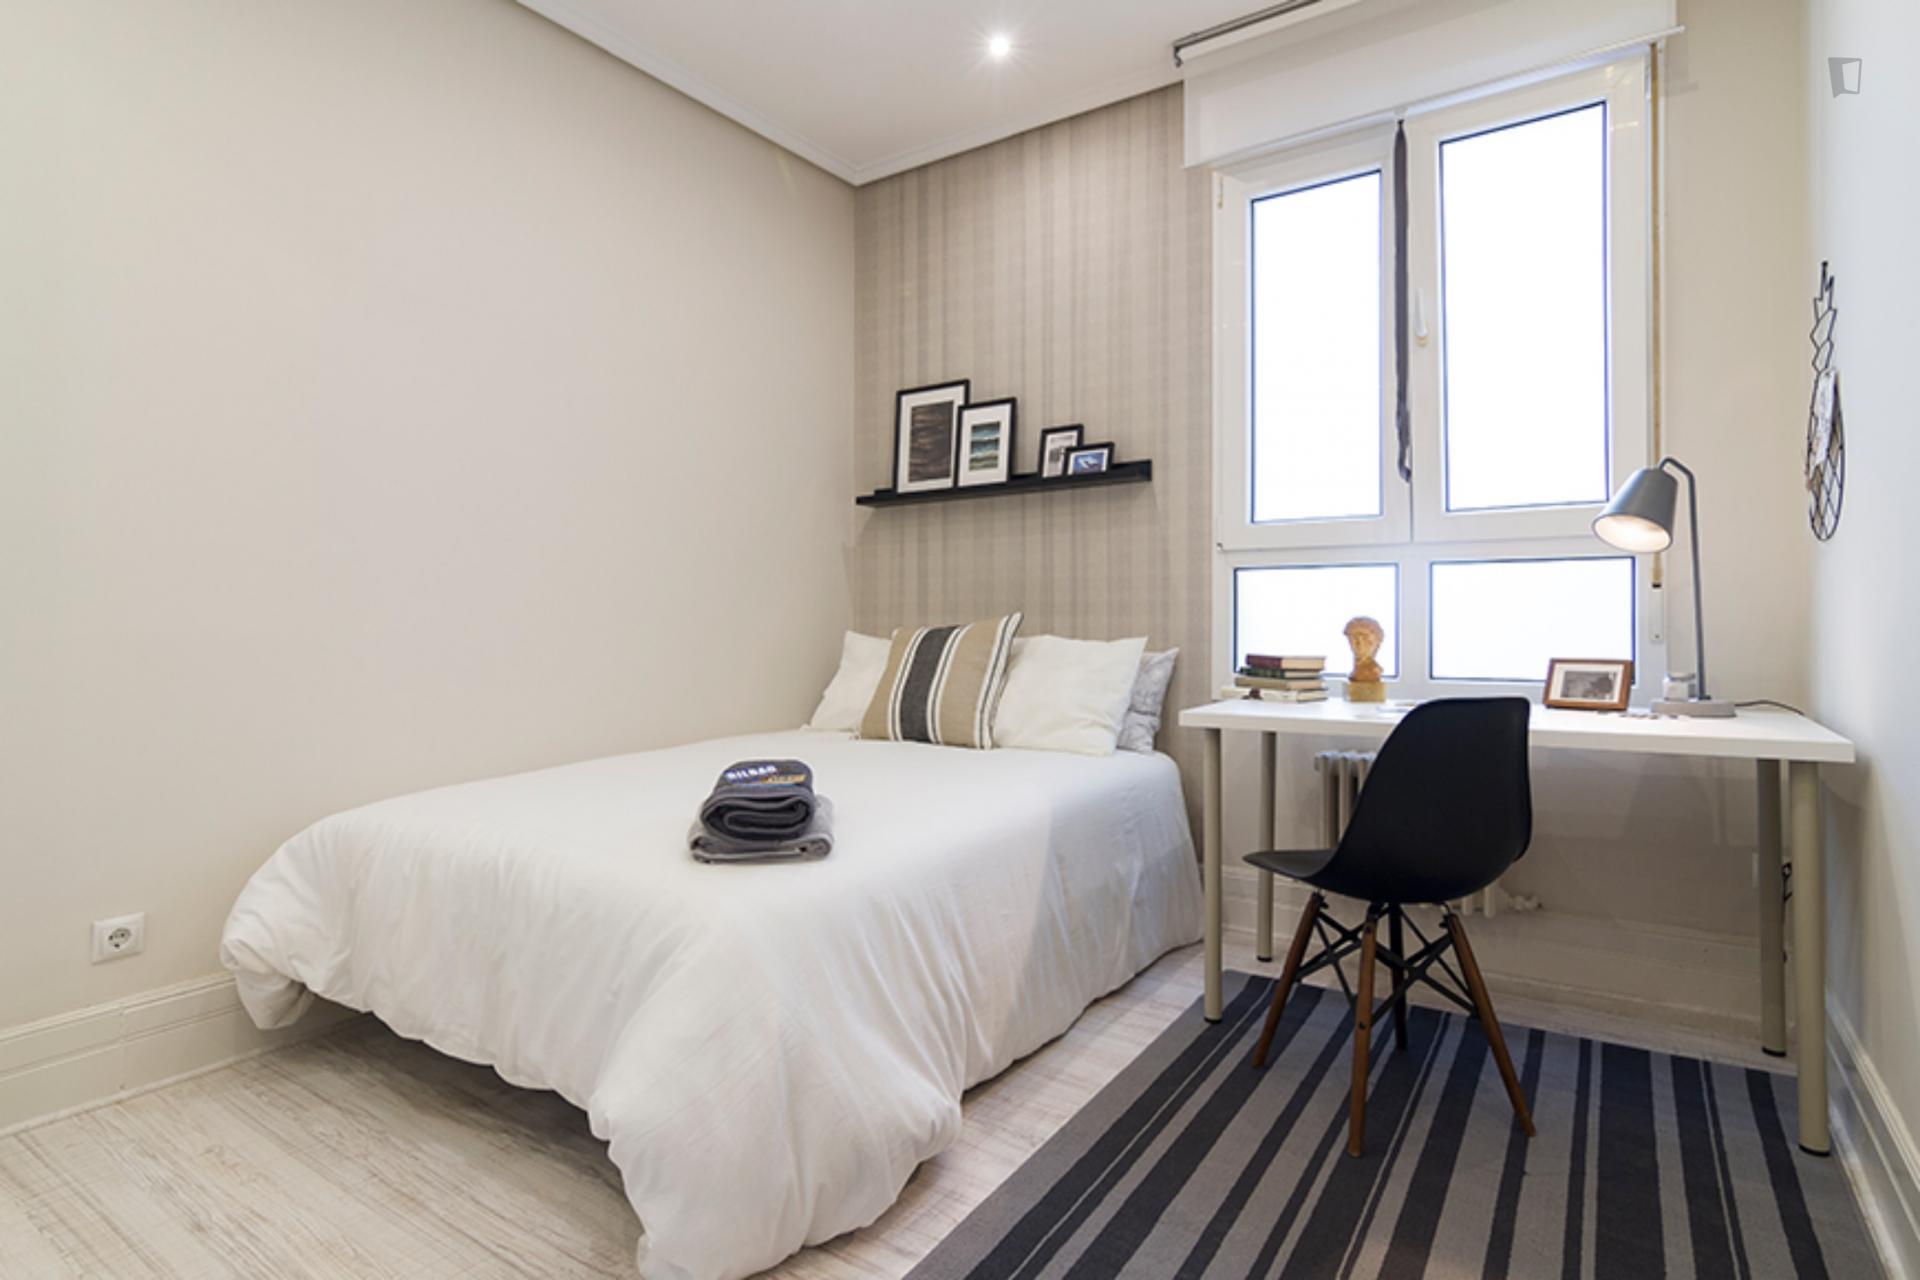 Kalea 3 - Modern bedroom in Bilbao